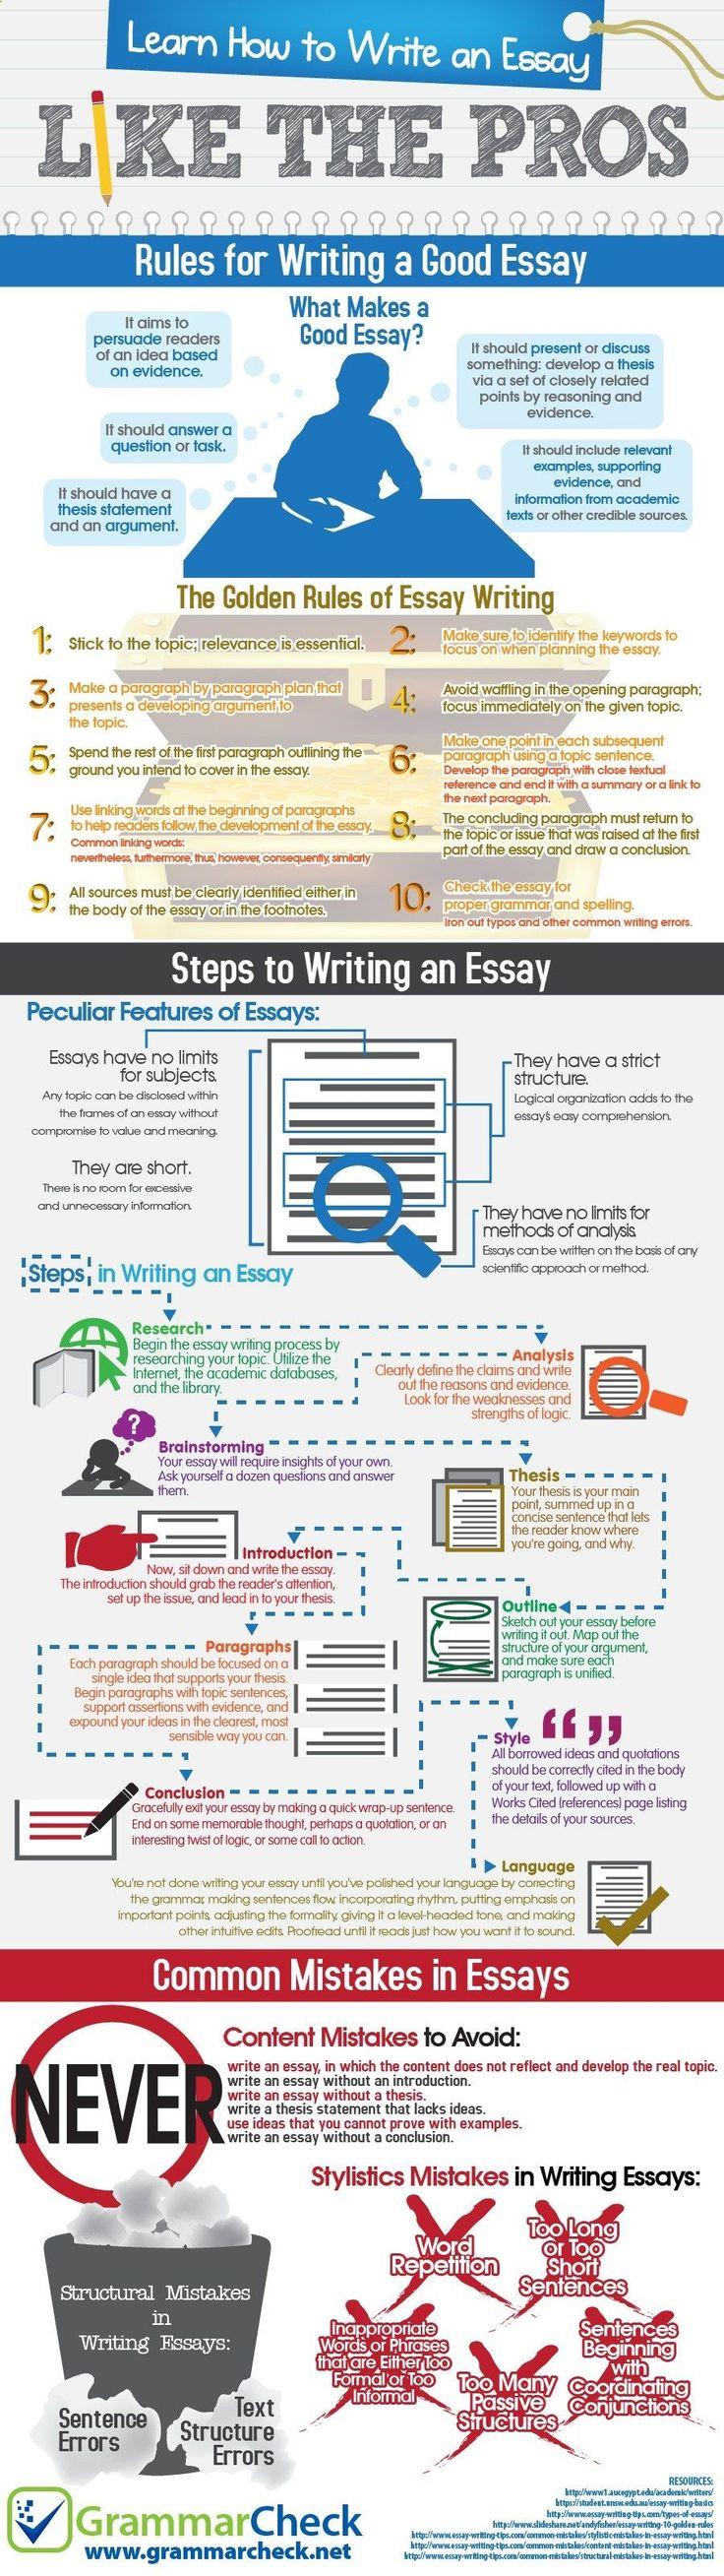 Non plagiarised essay writers